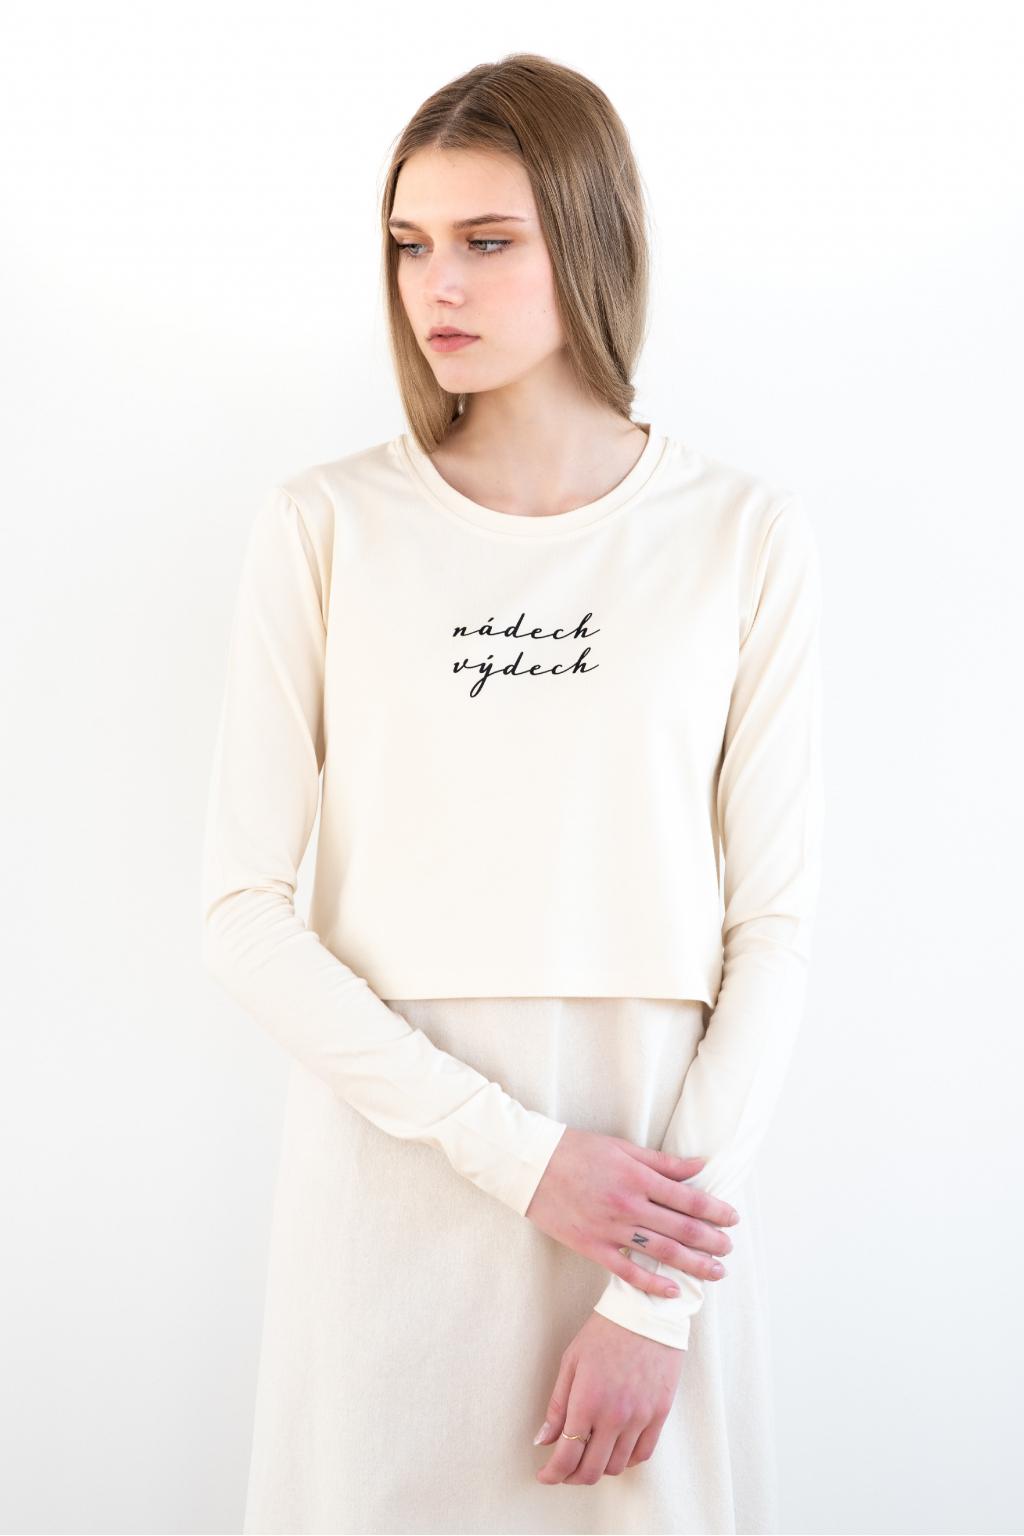 KOUSEK krátké tričko na jógu Nádech výdech